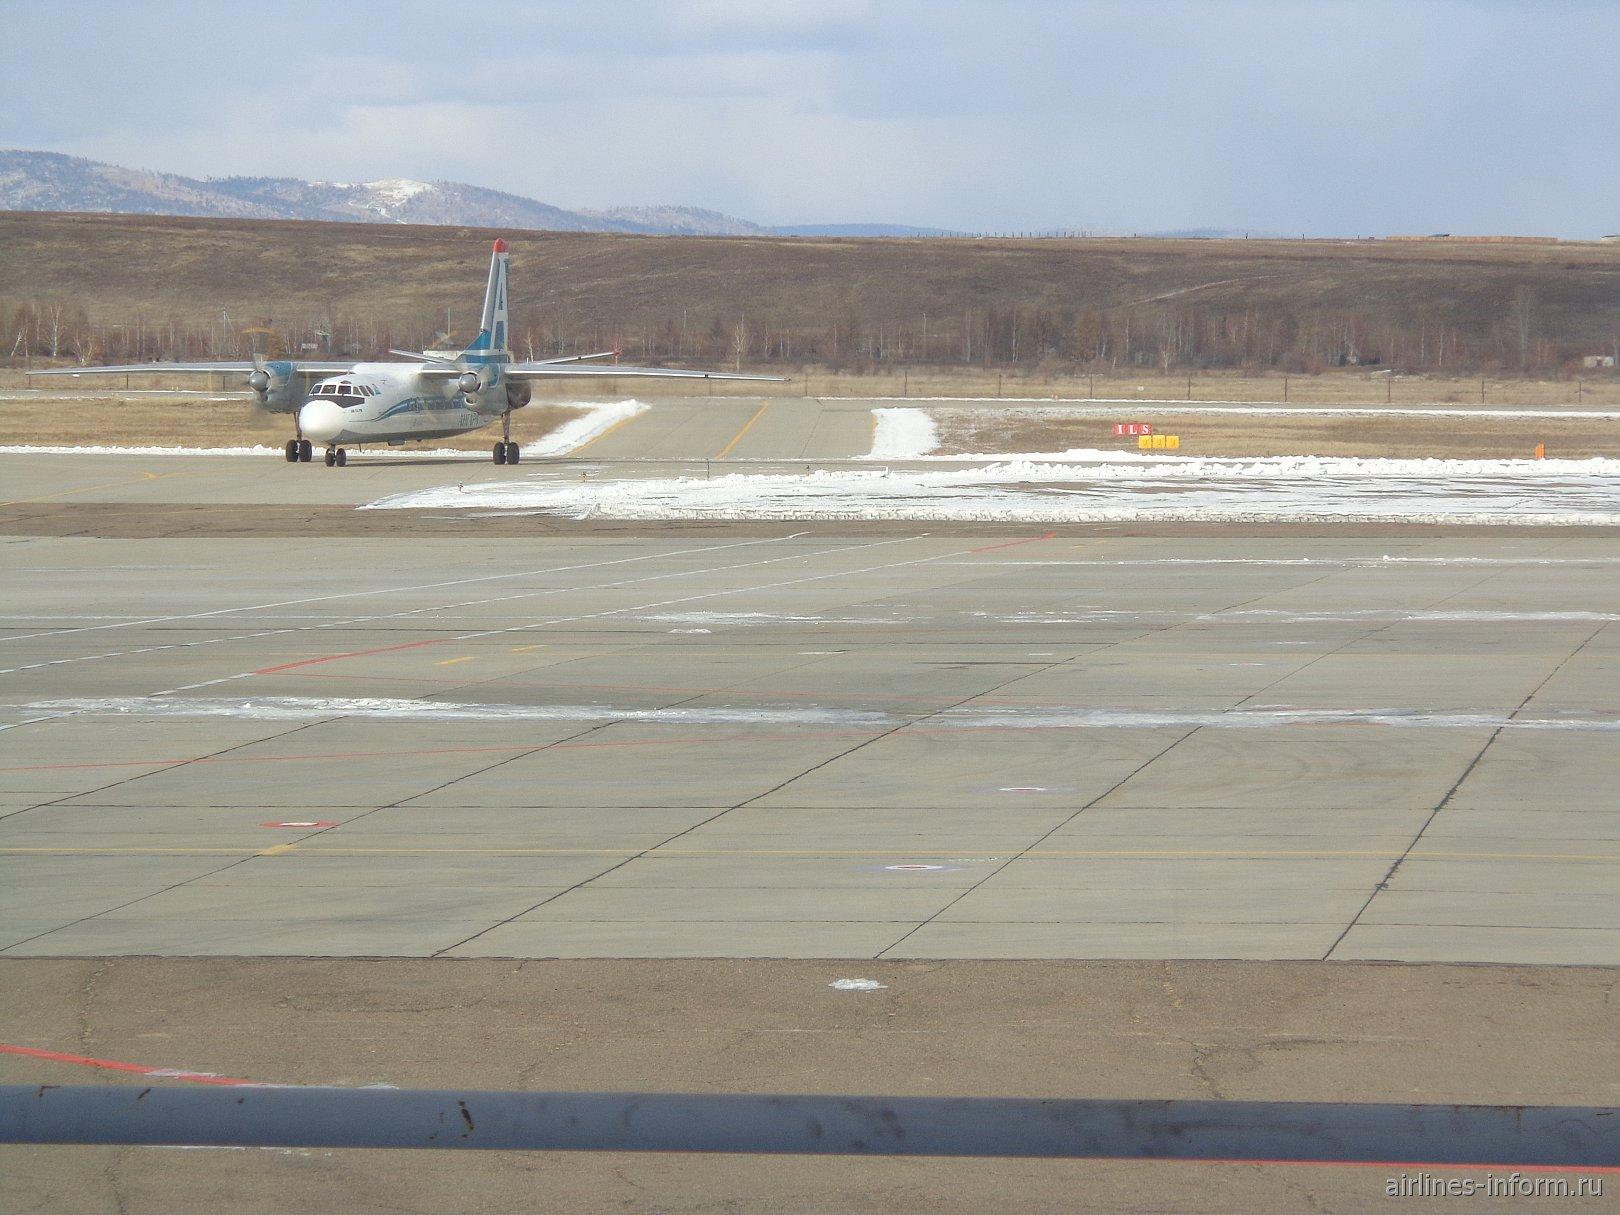 АН-24 авиакомпании Ангара на рулежной дорожке аэропорта Кадала, города Читы